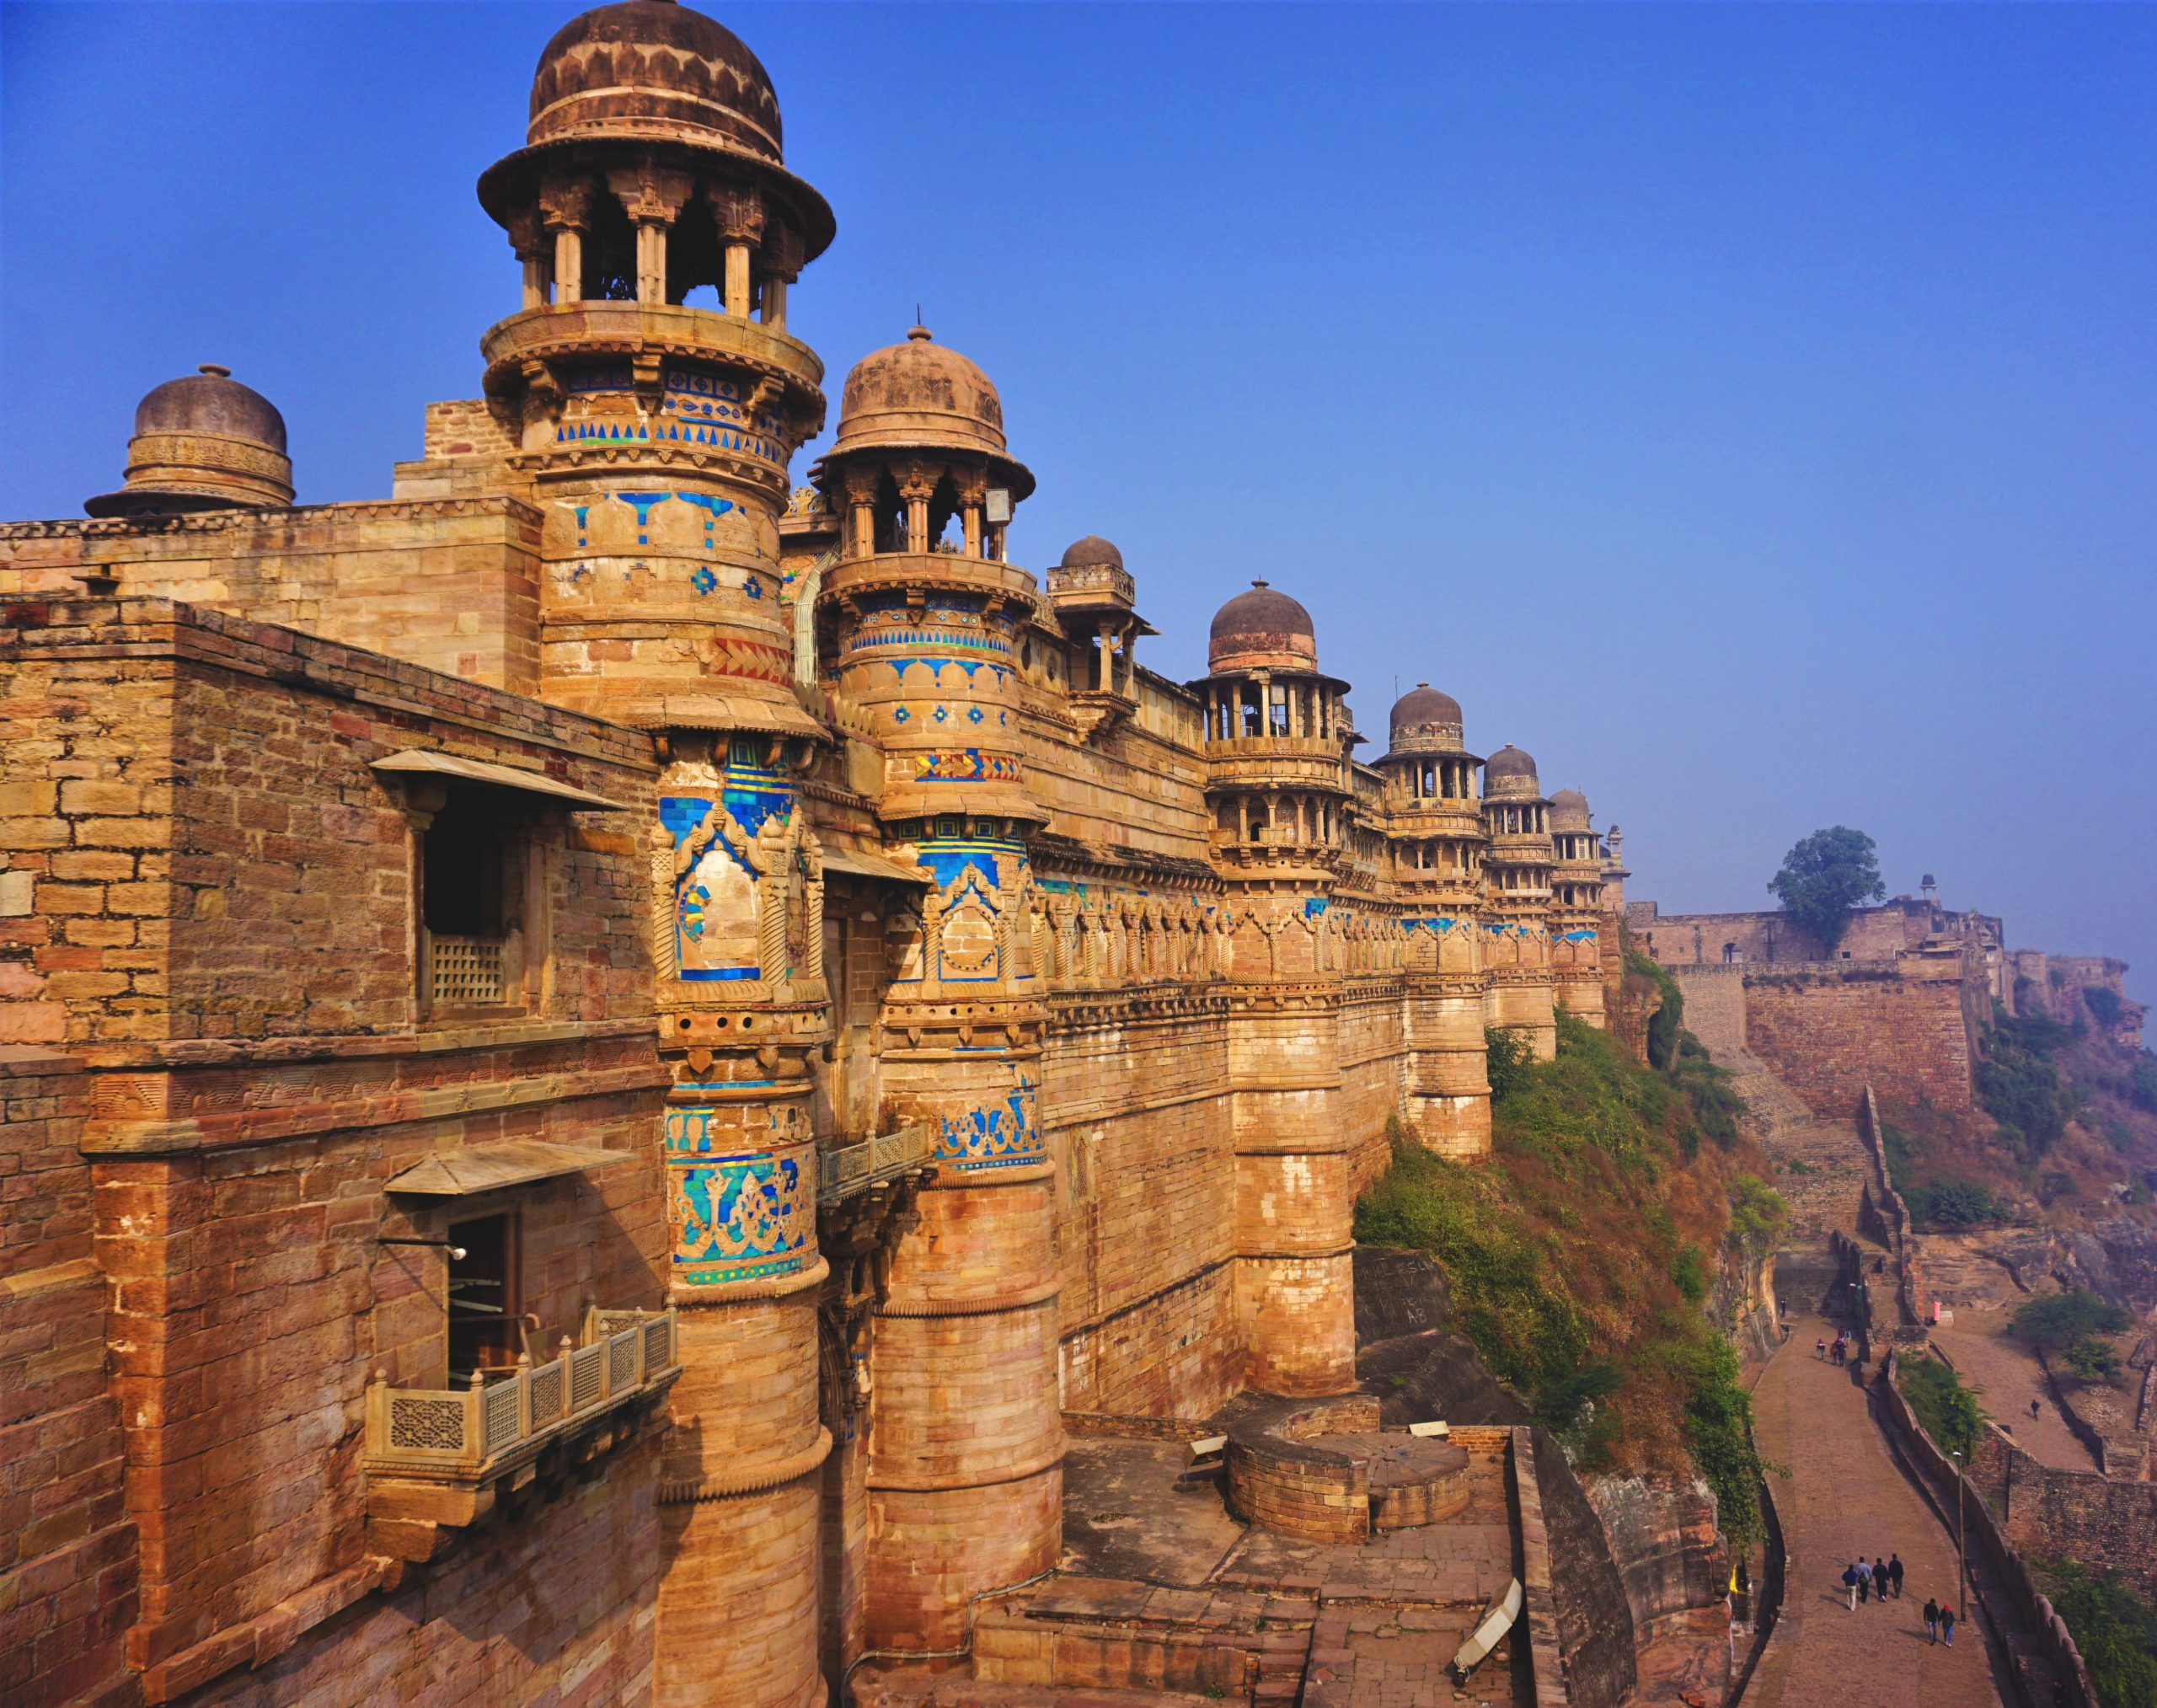 Gwalior Fort built by Raja Maan Singh Tomar.